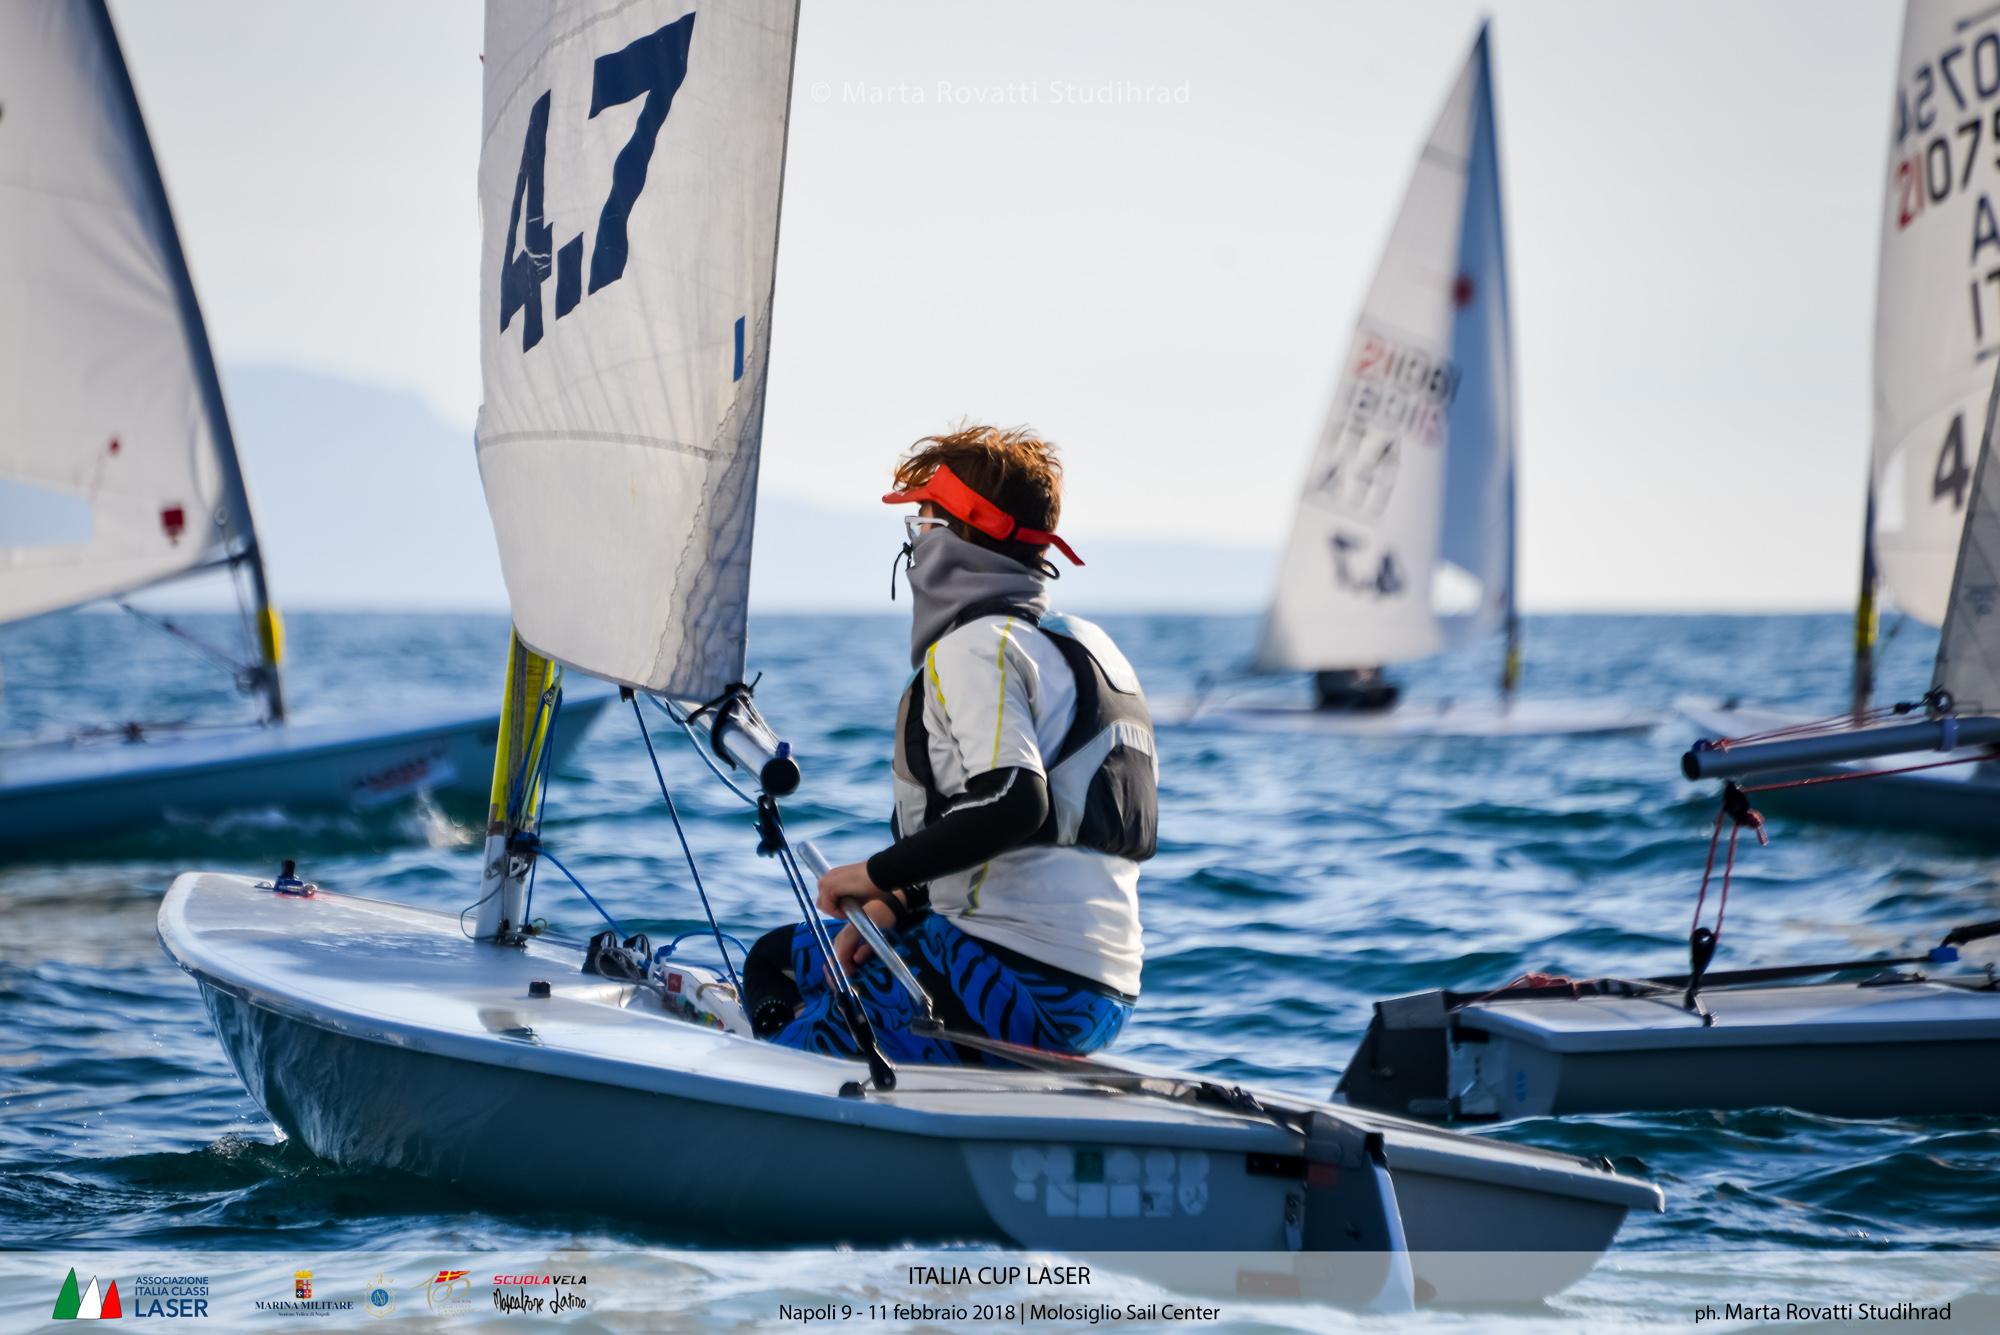 Associazione-Italia-Classi-Laser-2018-NapoliMGR_0290